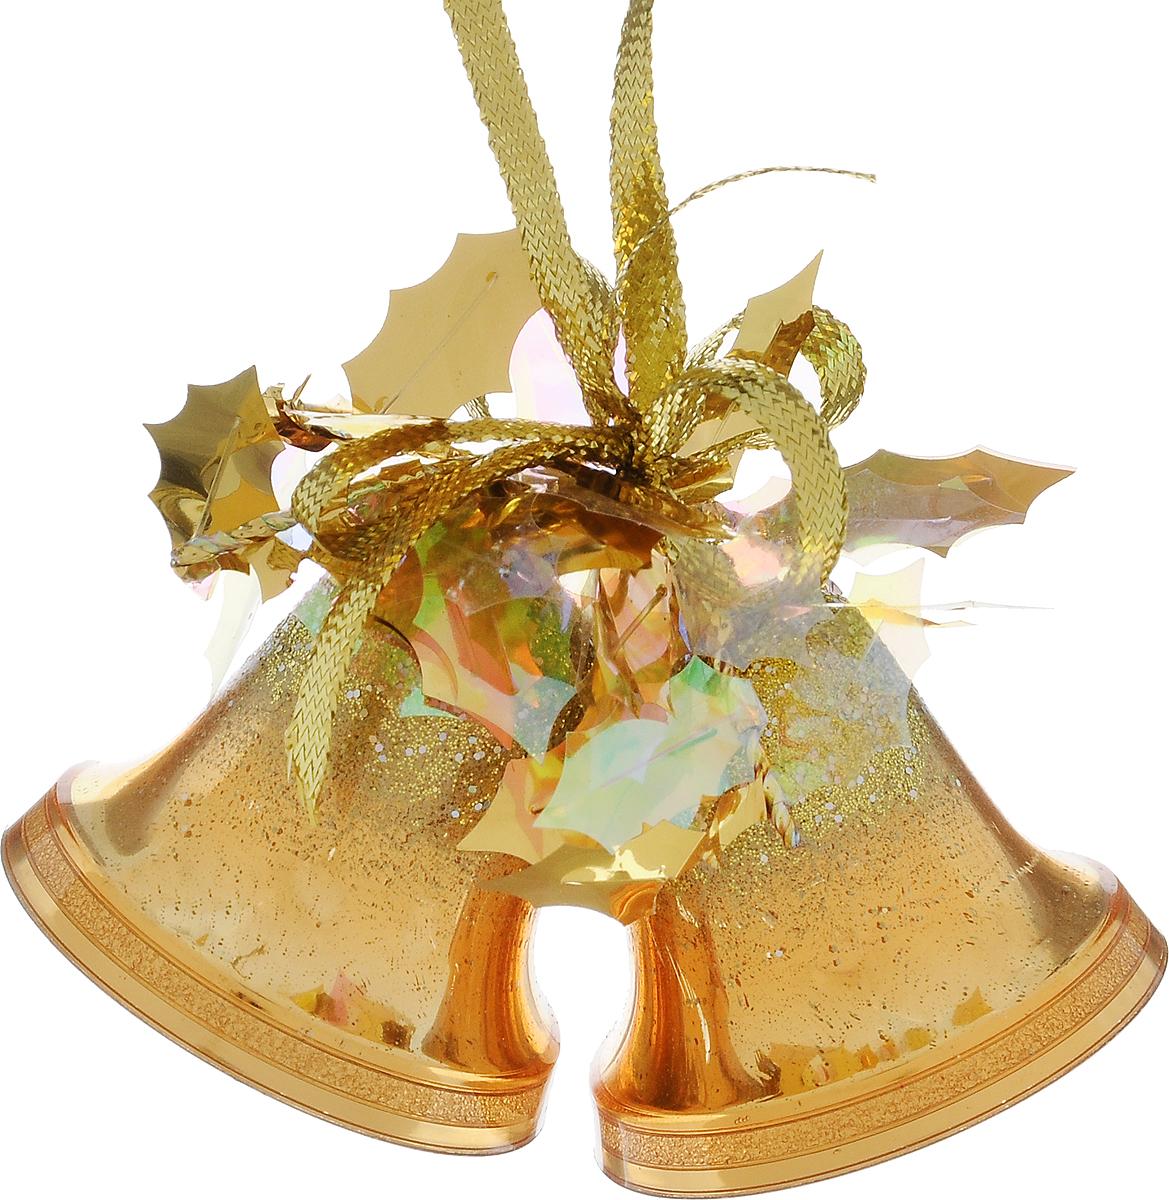 Украшение новогоднее подвесное Weiste Двойные колокольчики, цвет: золотой, высота 6 см5531Новогоднее подвесное украшение Weiste Двойные колокольчики выполнено из пластика и ПВХ. Изделие оформлено блестками. С помощью специальной петельки украшение можно повесить в любом понравившемся вам месте. Но, конечно, удачнее всего оно будет смотреться на праздничной елке. Елочная игрушка - символ Нового года. Она несет в себе волшебство и красоту праздника. Создайте в своем доме атмосферу веселья и радости, украшая новогоднюю елку нарядными игрушками, которые будут из года в год накапливать теплоту воспоминаний. Размер колокольчика: 5 х 5 х 5 см. Общий размер украшения: 5 х 6 х 10 см.